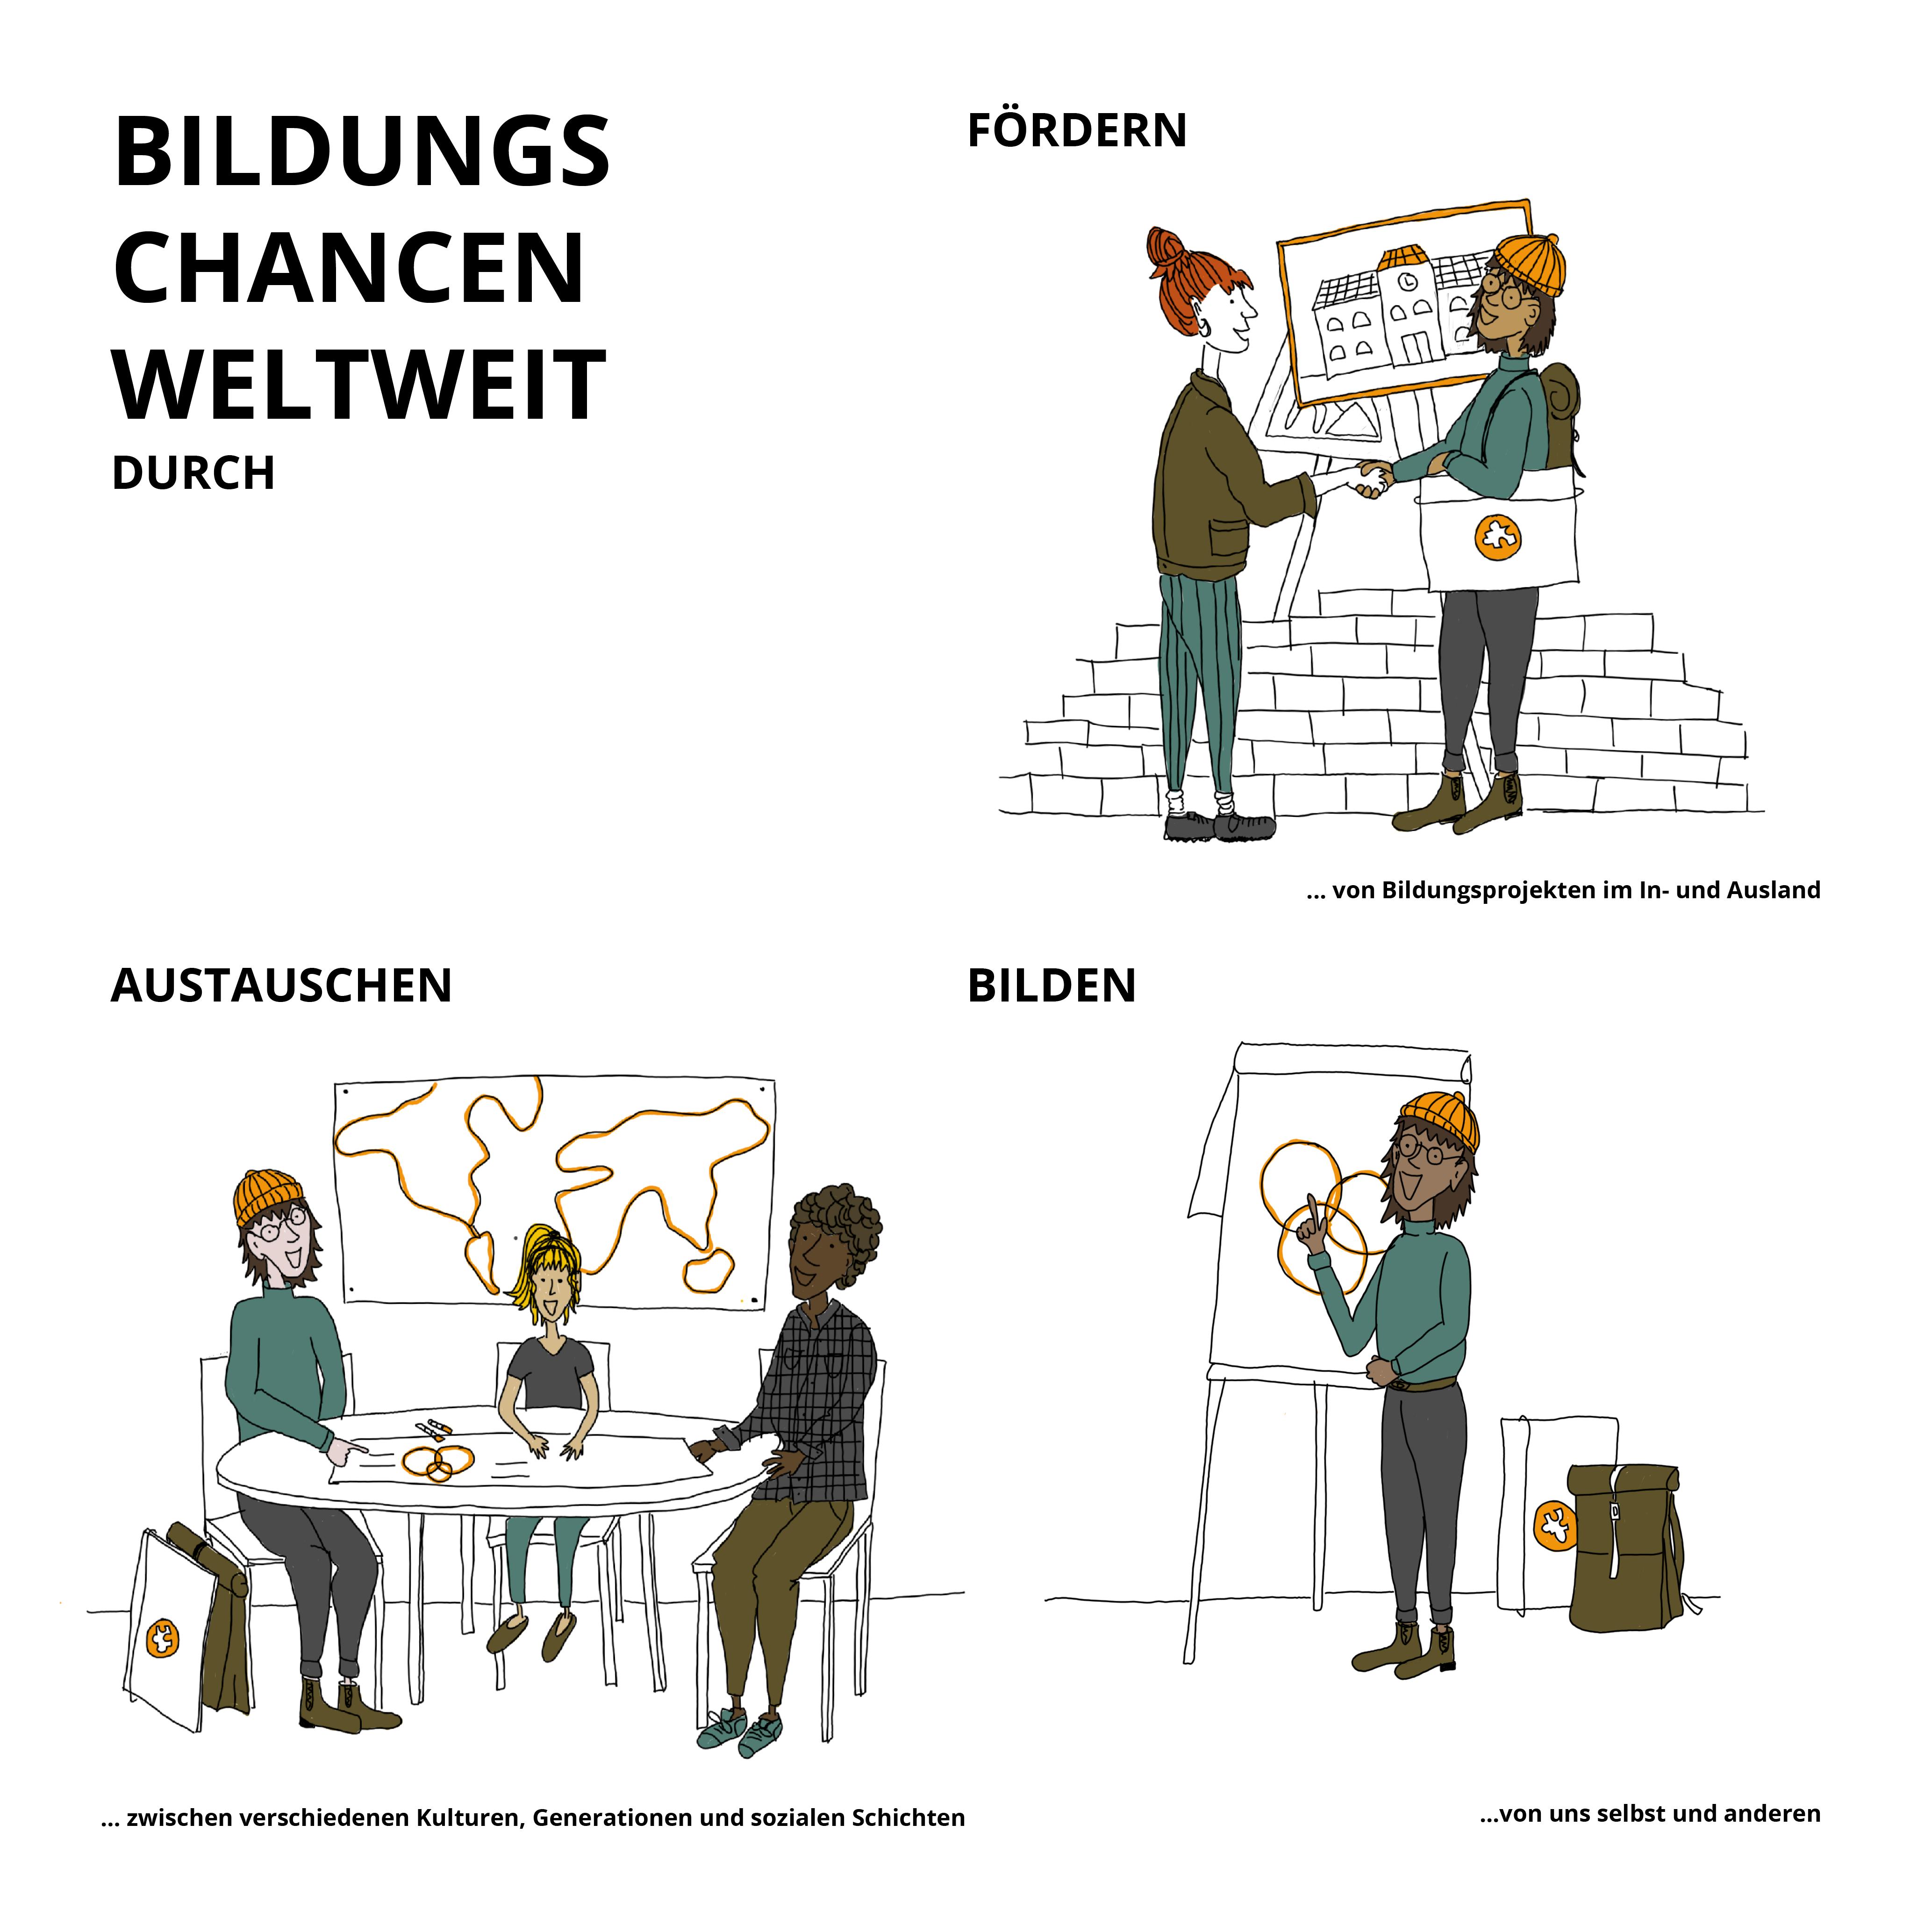 """Grafik mit Text """"Bildungschancen weltweit dürch Fördern, Austauschen:Bilden"""""""